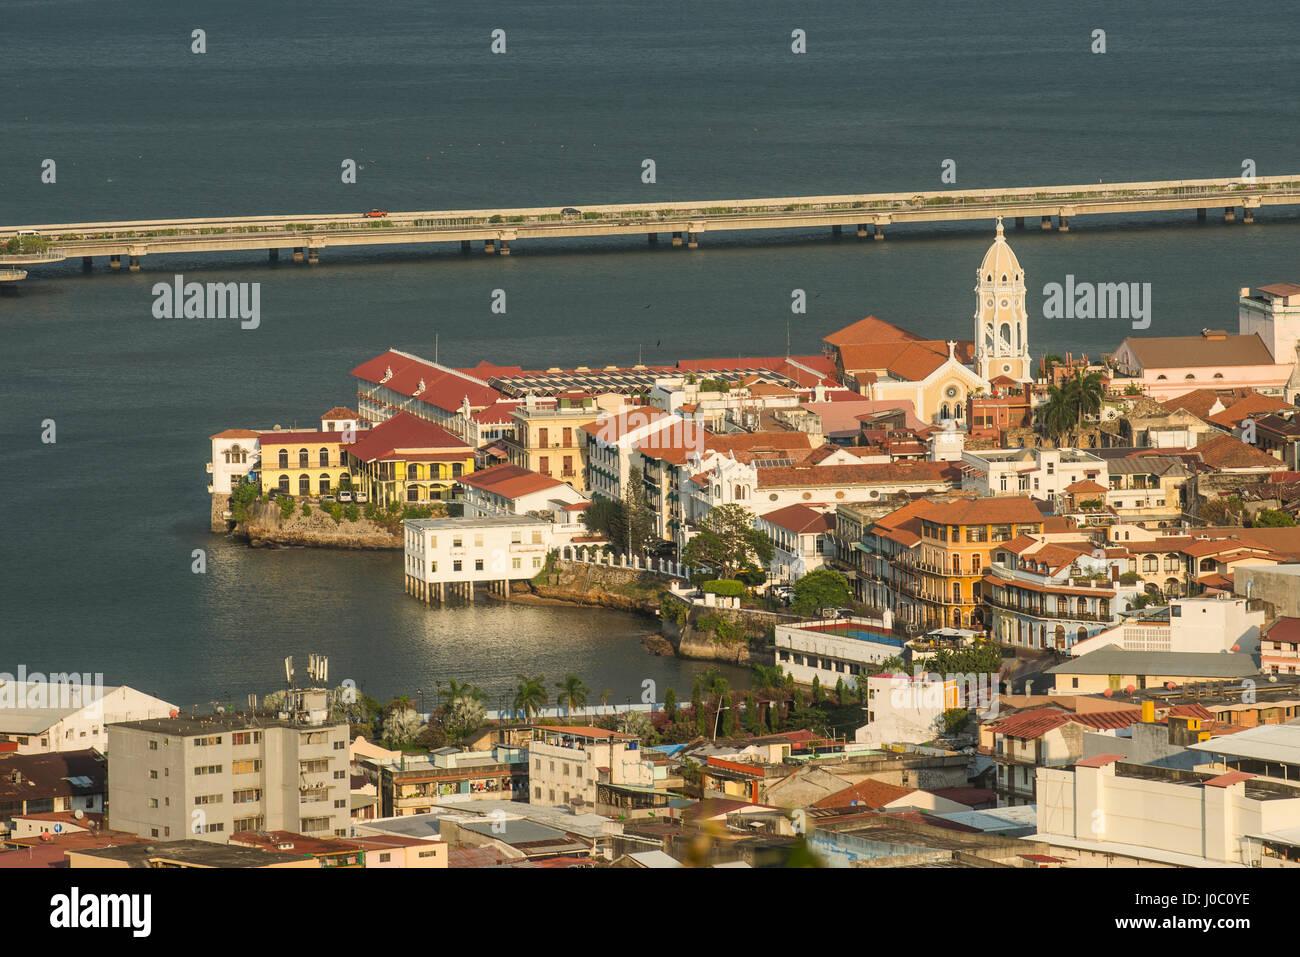 Vista di Casco Viejo, Sito Patrimonio Mondiale dell'UNESCO, Panama City, Panama America Centrale Immagini Stock